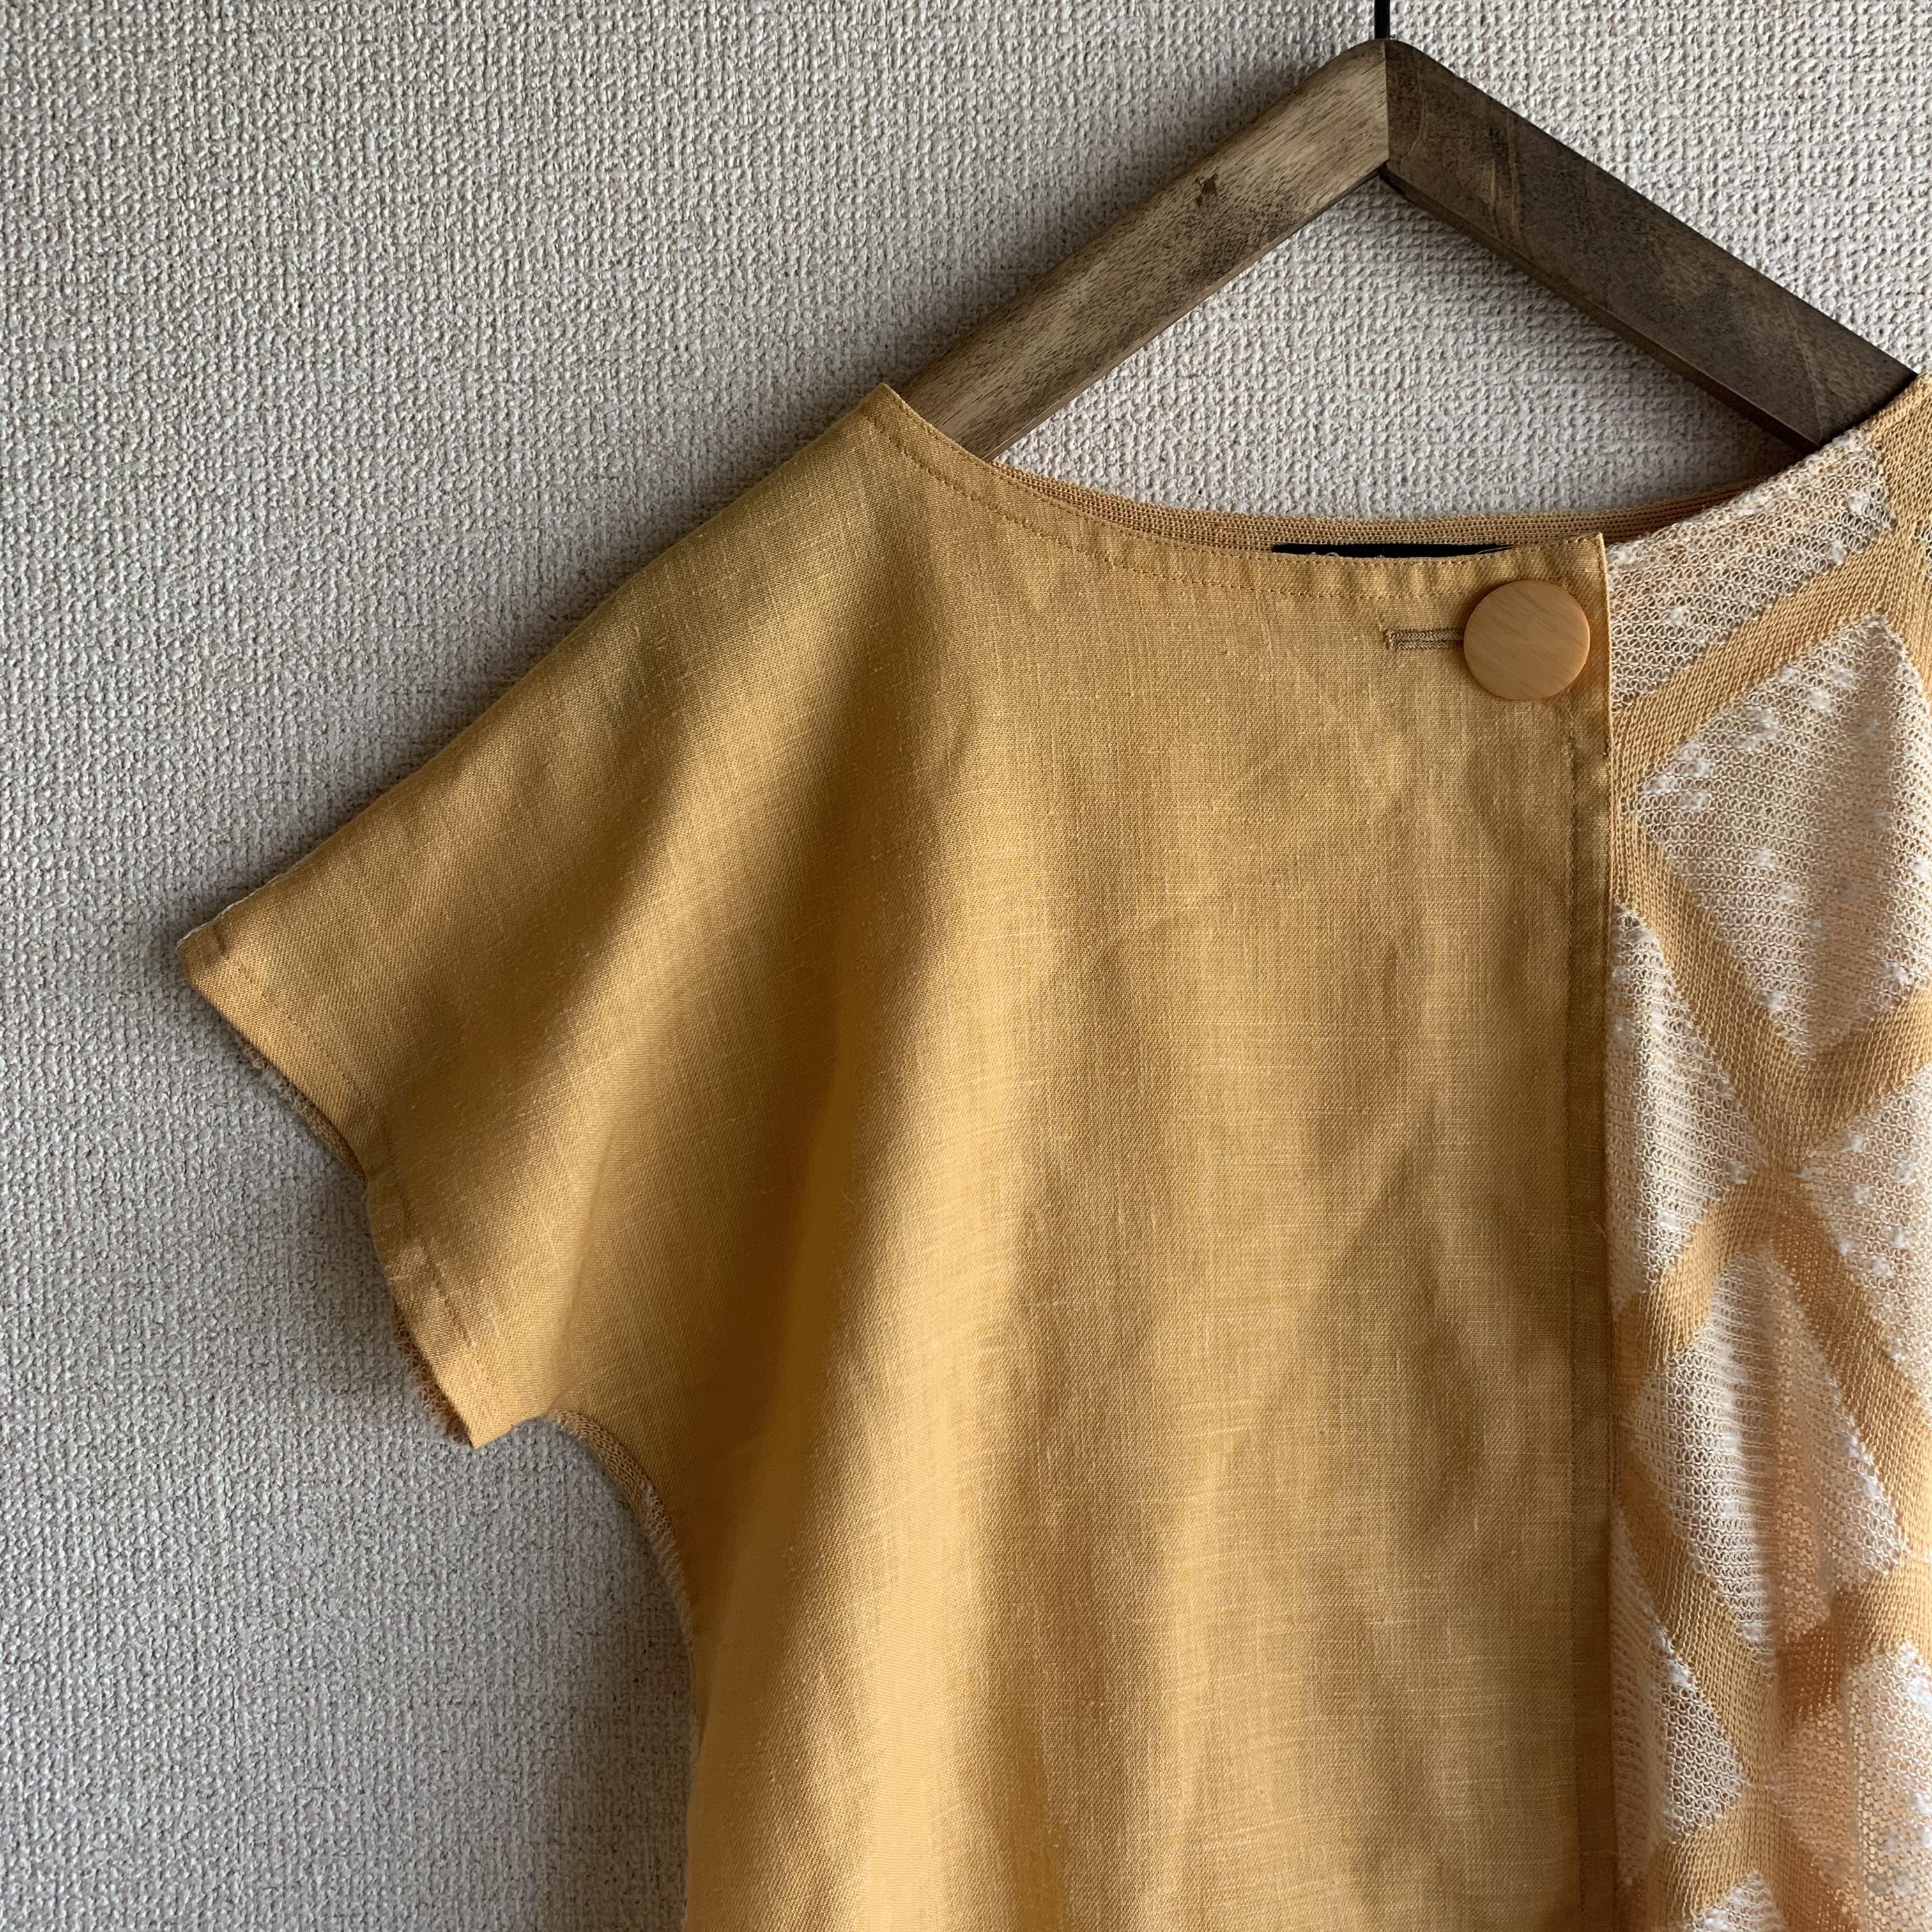 【SALE】vintage design tops